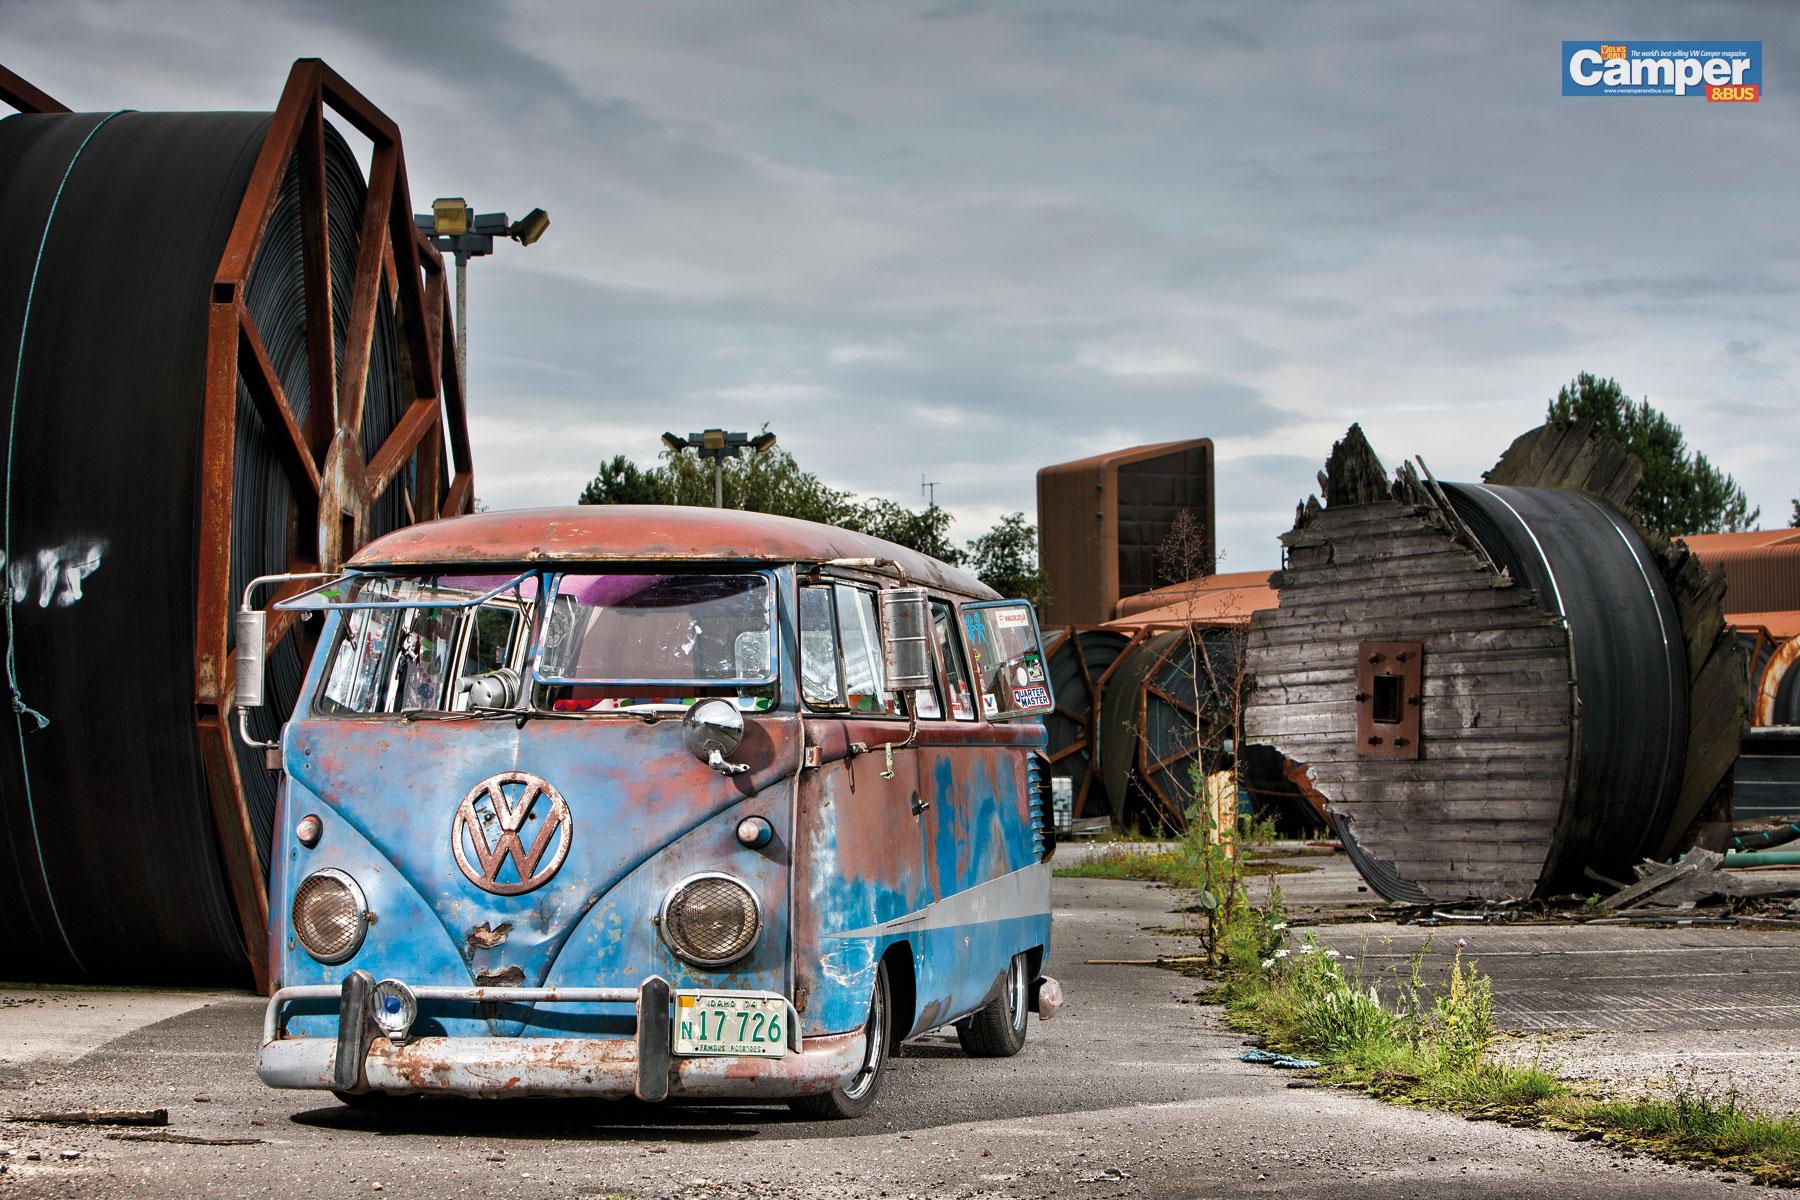 Vw Bus Wallpaper - WallpaperSafari